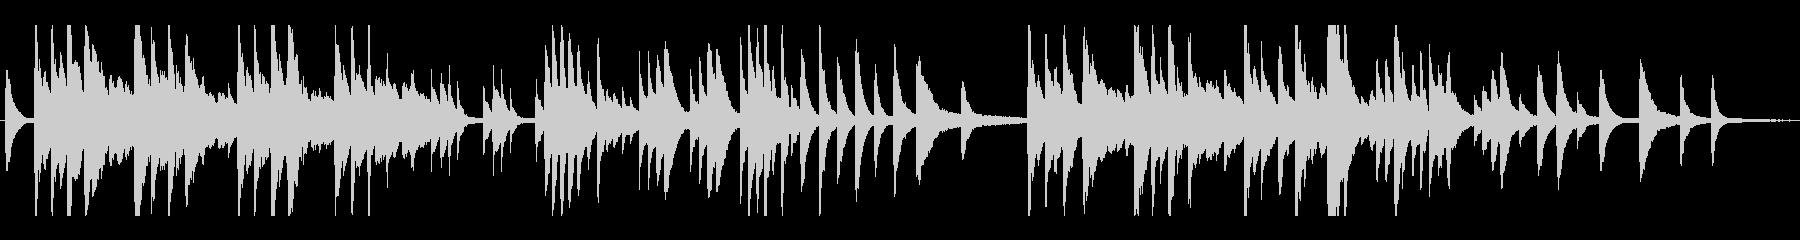 日常の中のピアノ・ソロ曲の未再生の波形